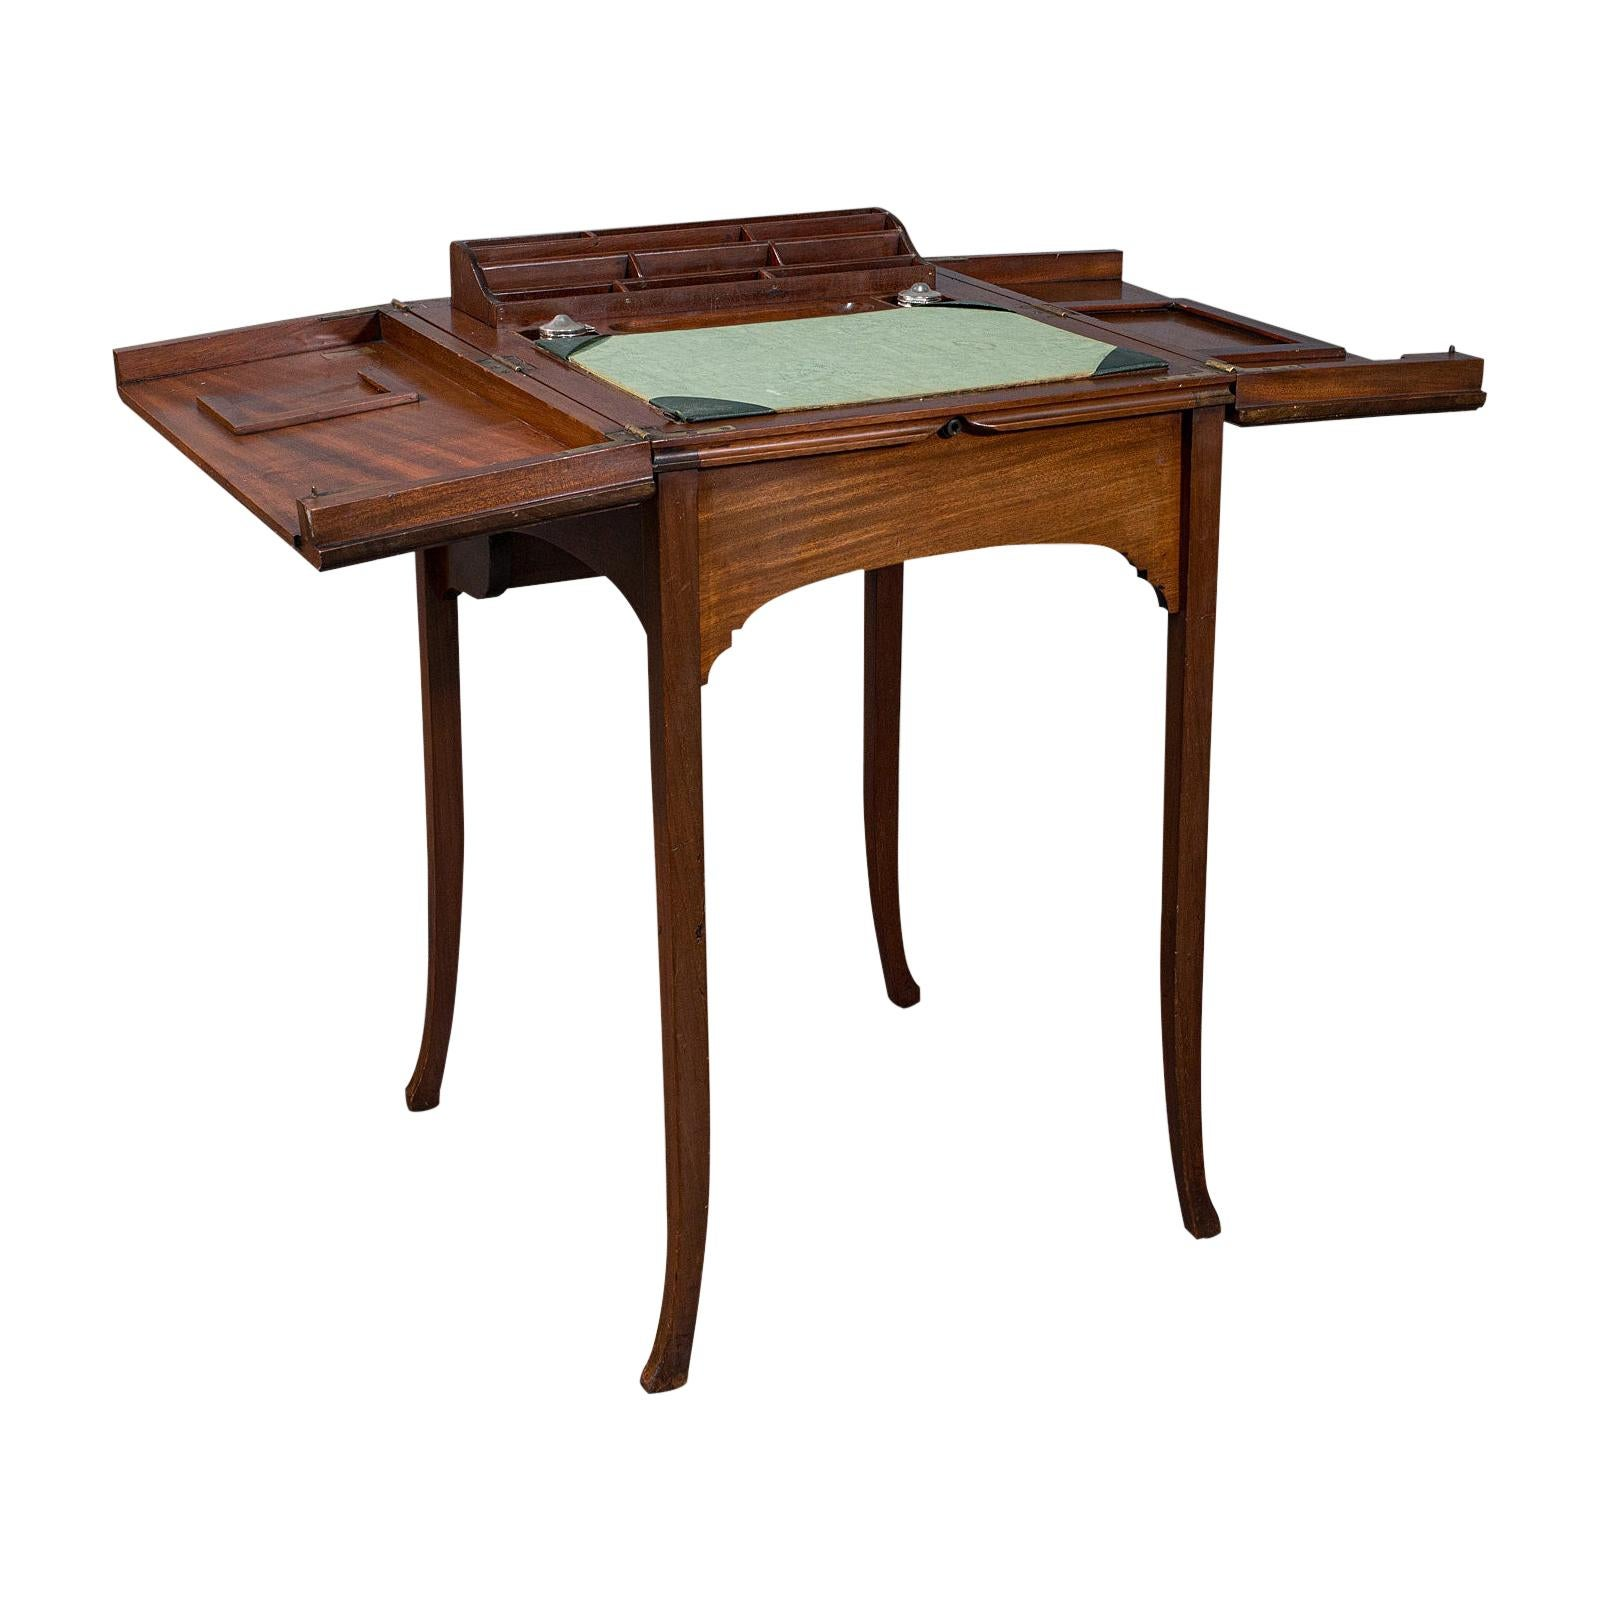 Antique Writing Desk, English, Mahogany, Side, Correspondence Table, Edwardian